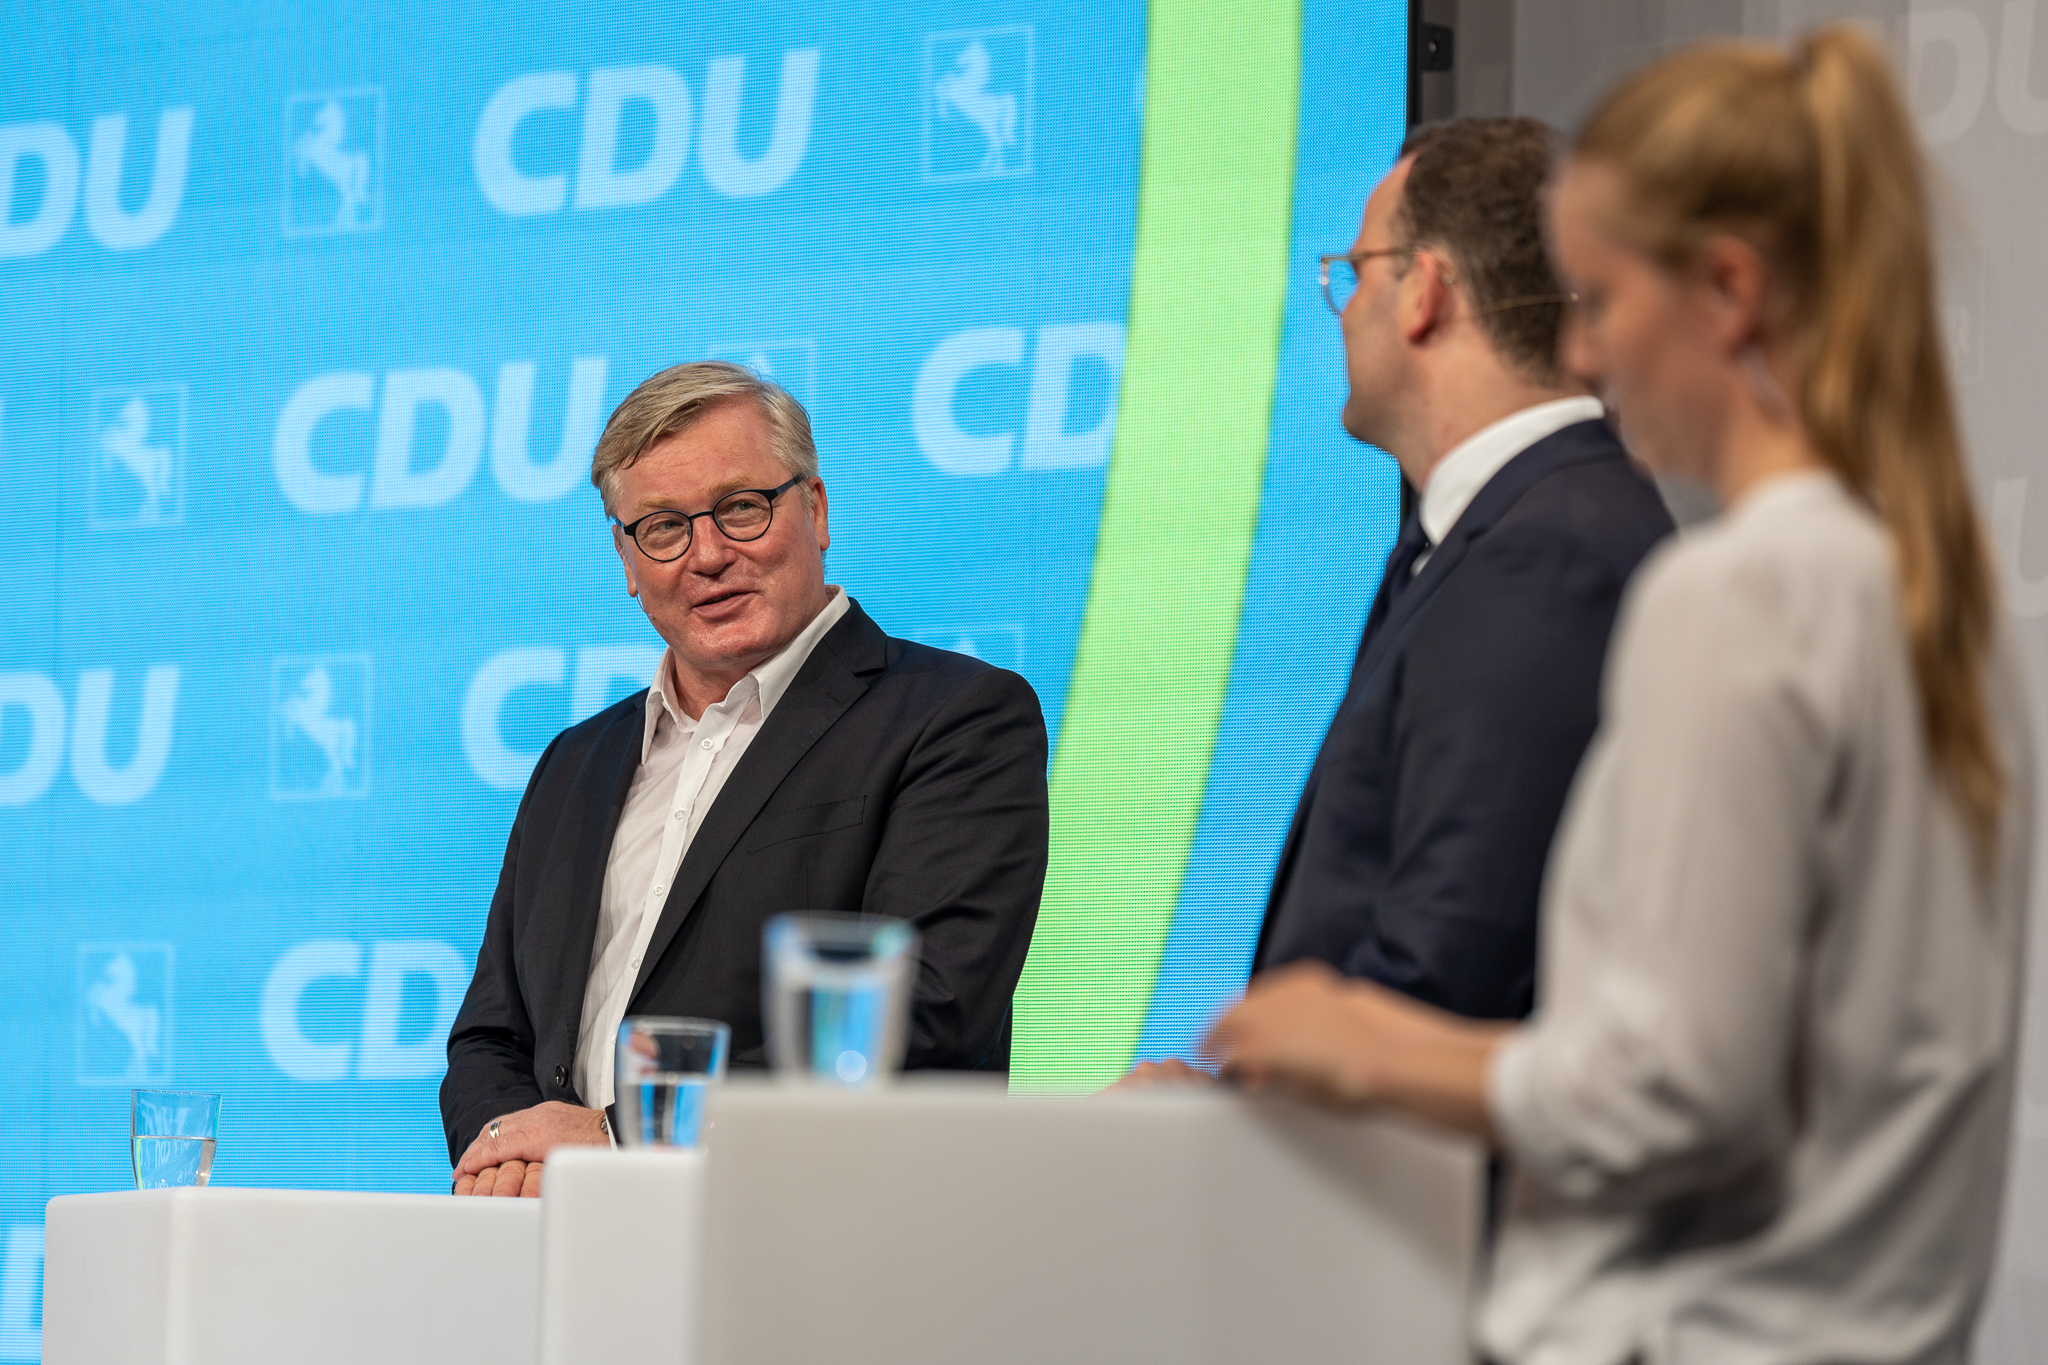 Althusmann: Jetzt starten wir in die heiße Wahlkampf-Phase!